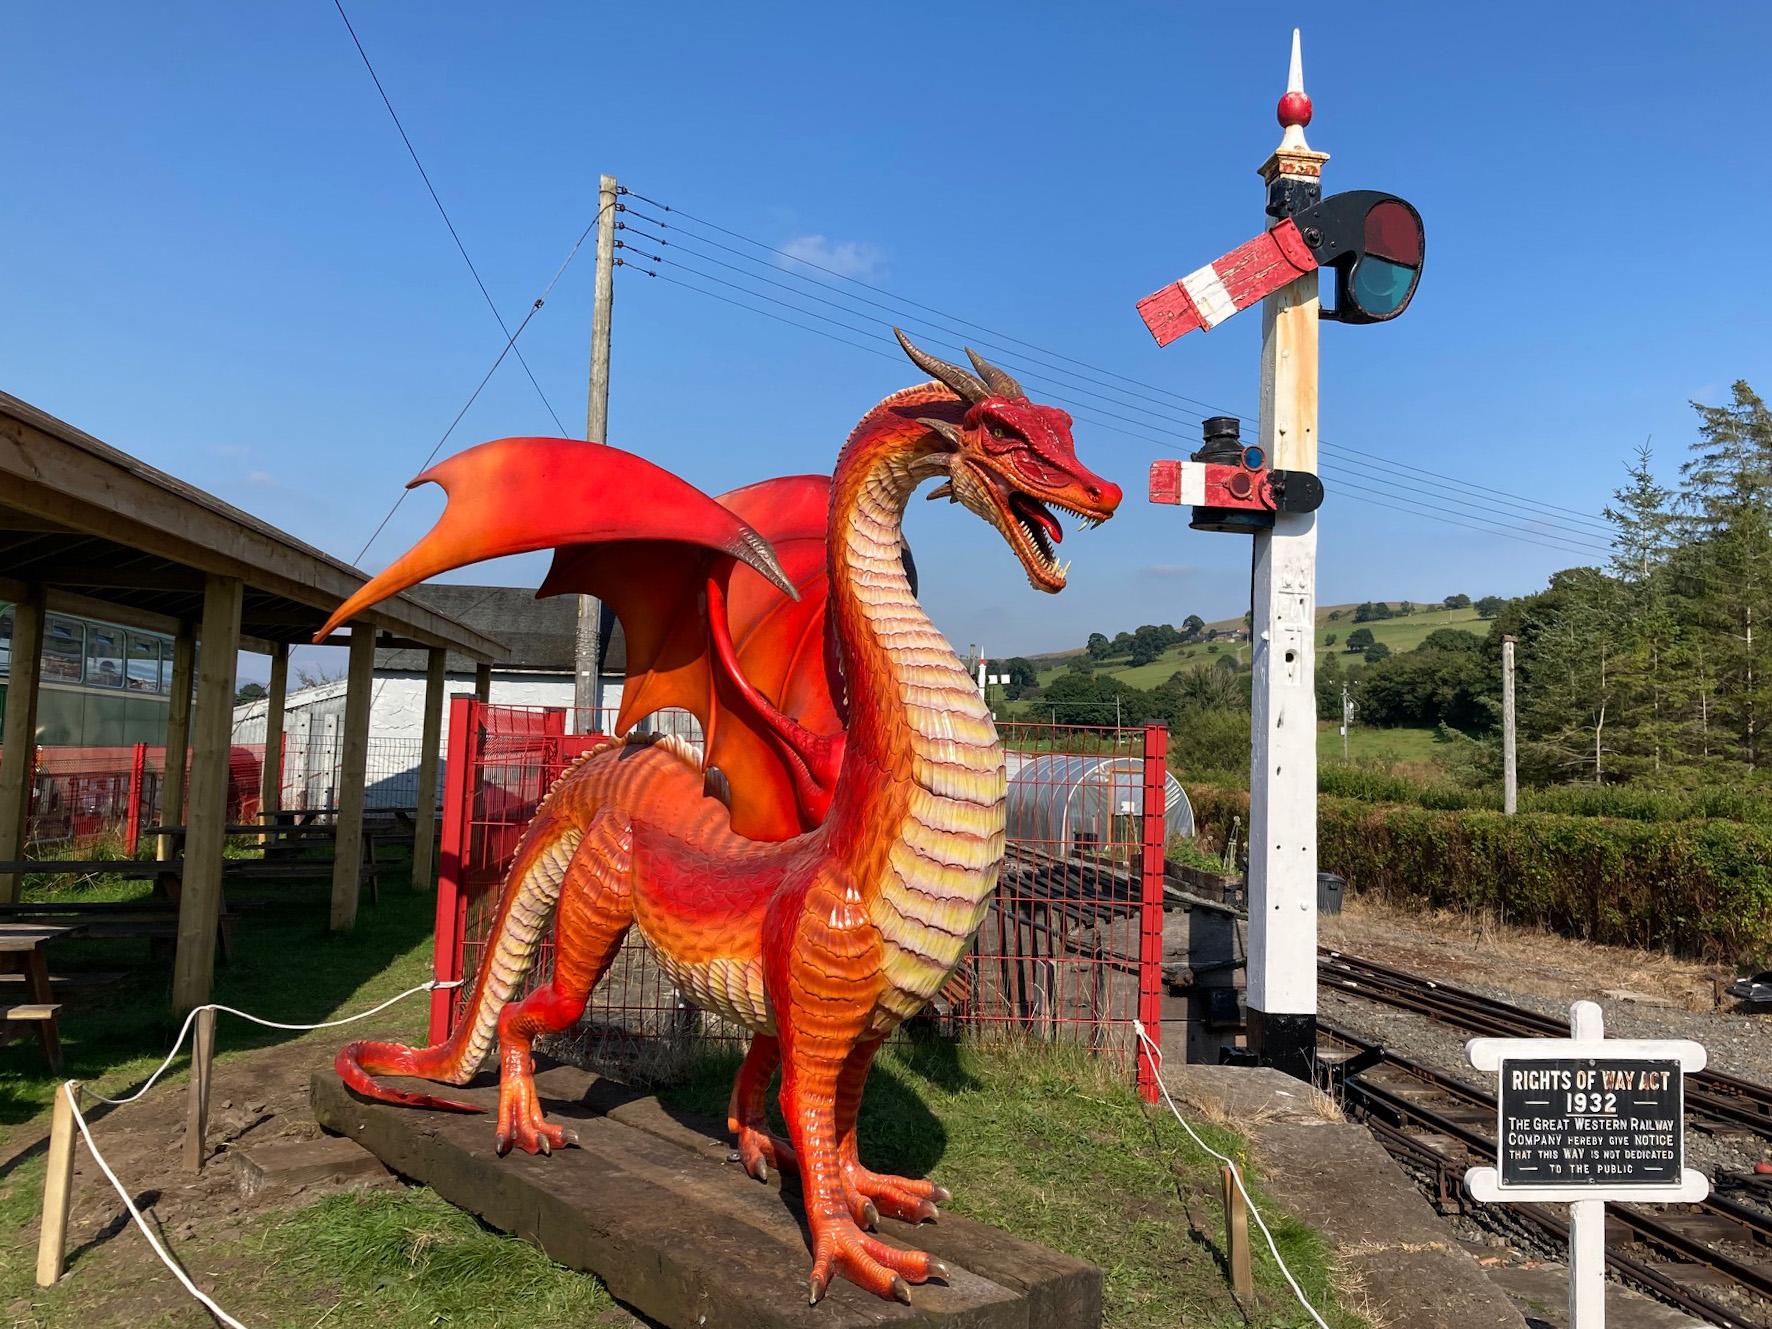 Dai the Dragon at Llanuwchllyn